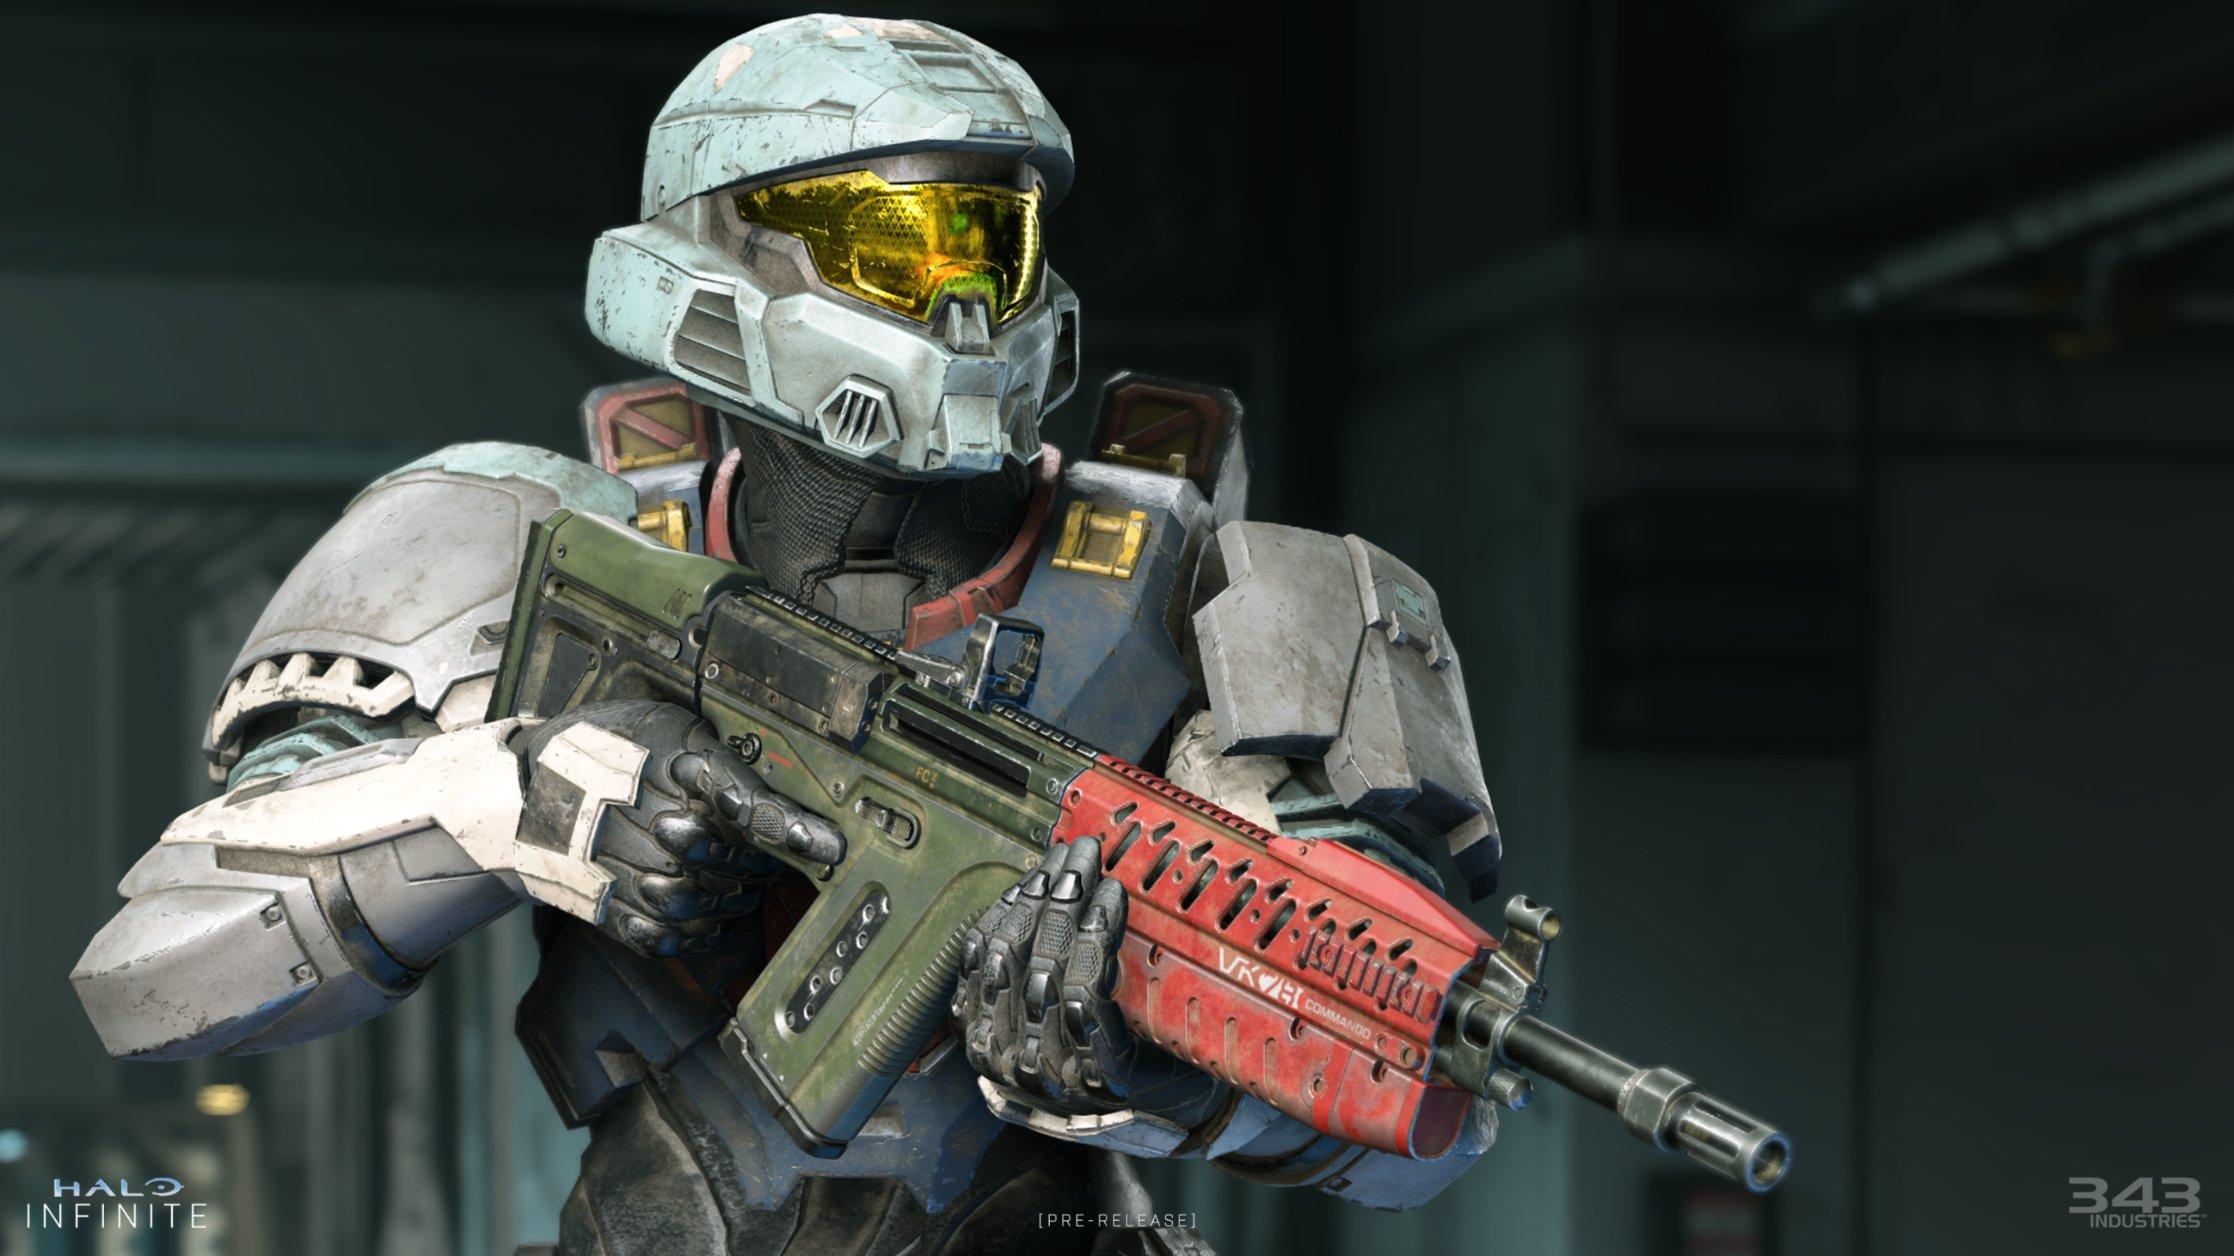 prueba técnica de Halo Infinite